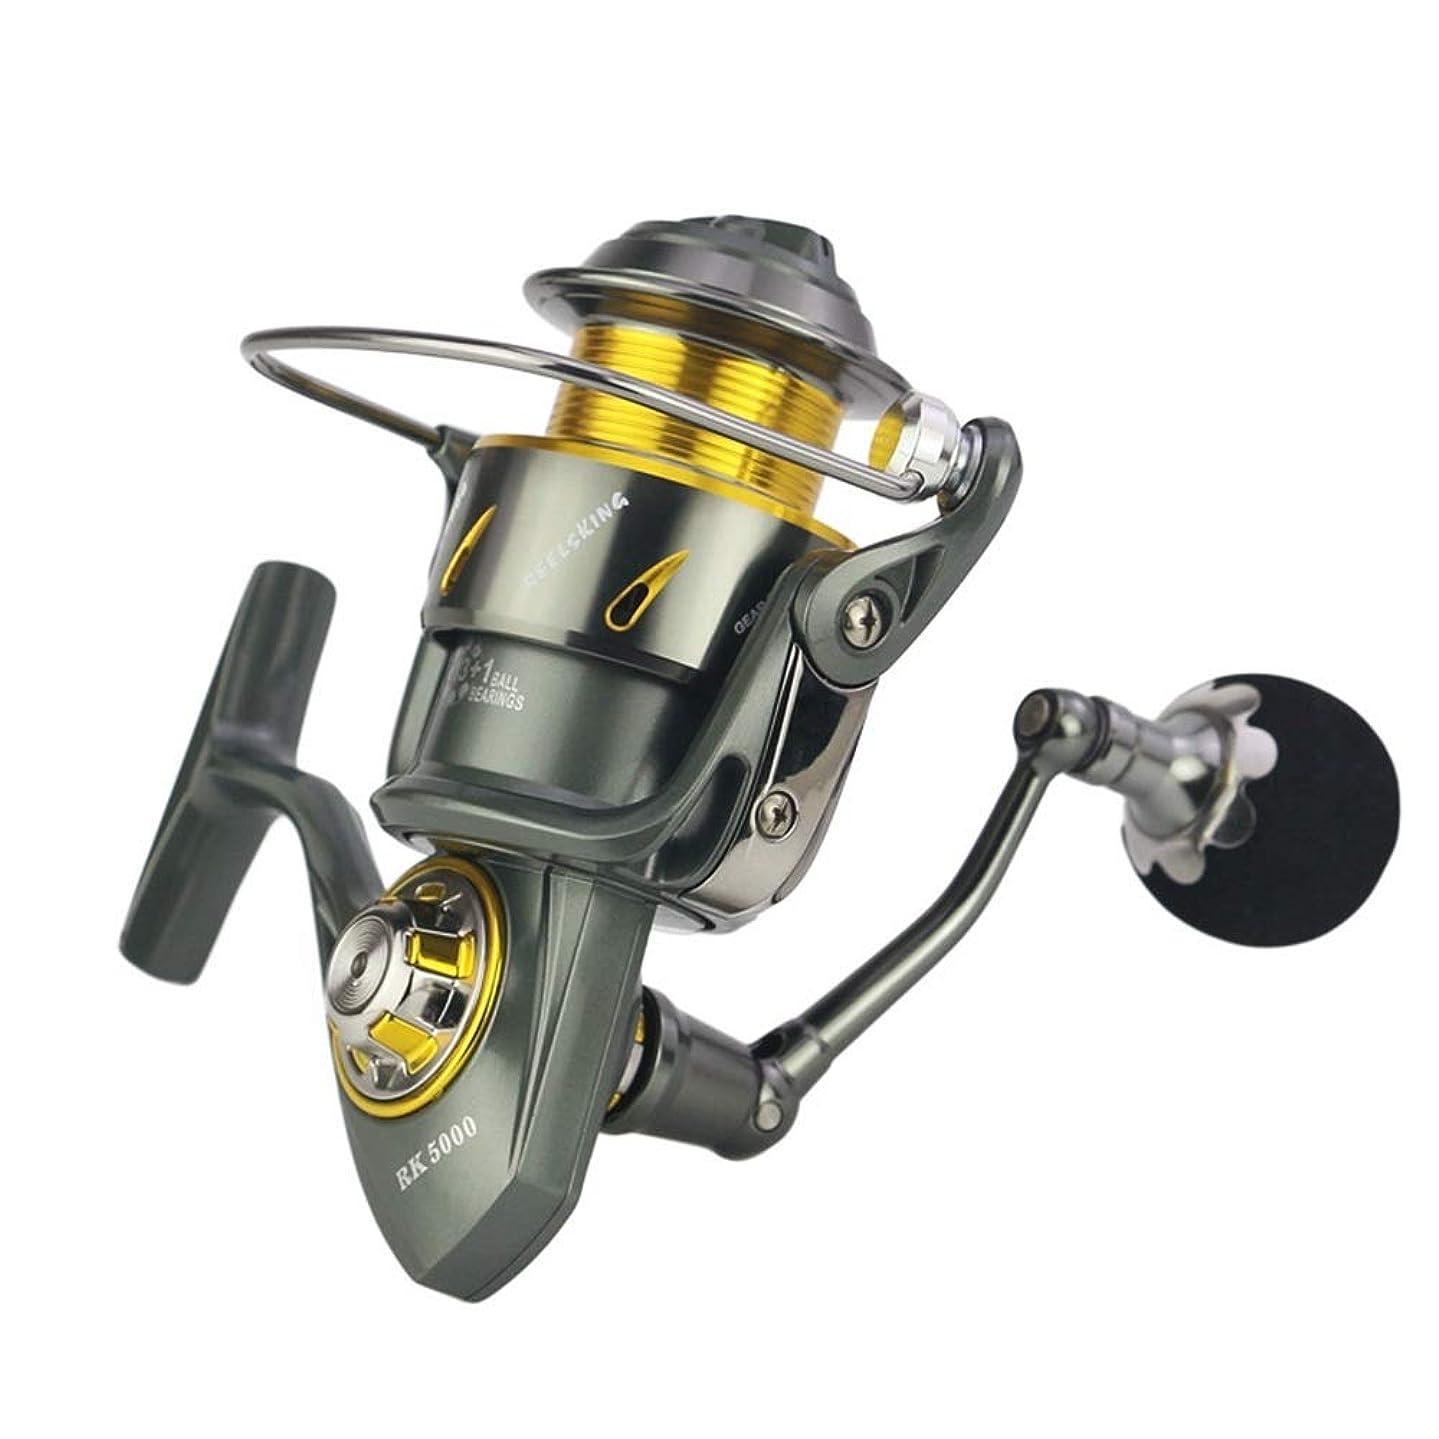 釣りリール 釣りリールフルメタルリール釣り海釣りギア釣りカーボン布ブレーキアンチ海水 (Size : RK6000)